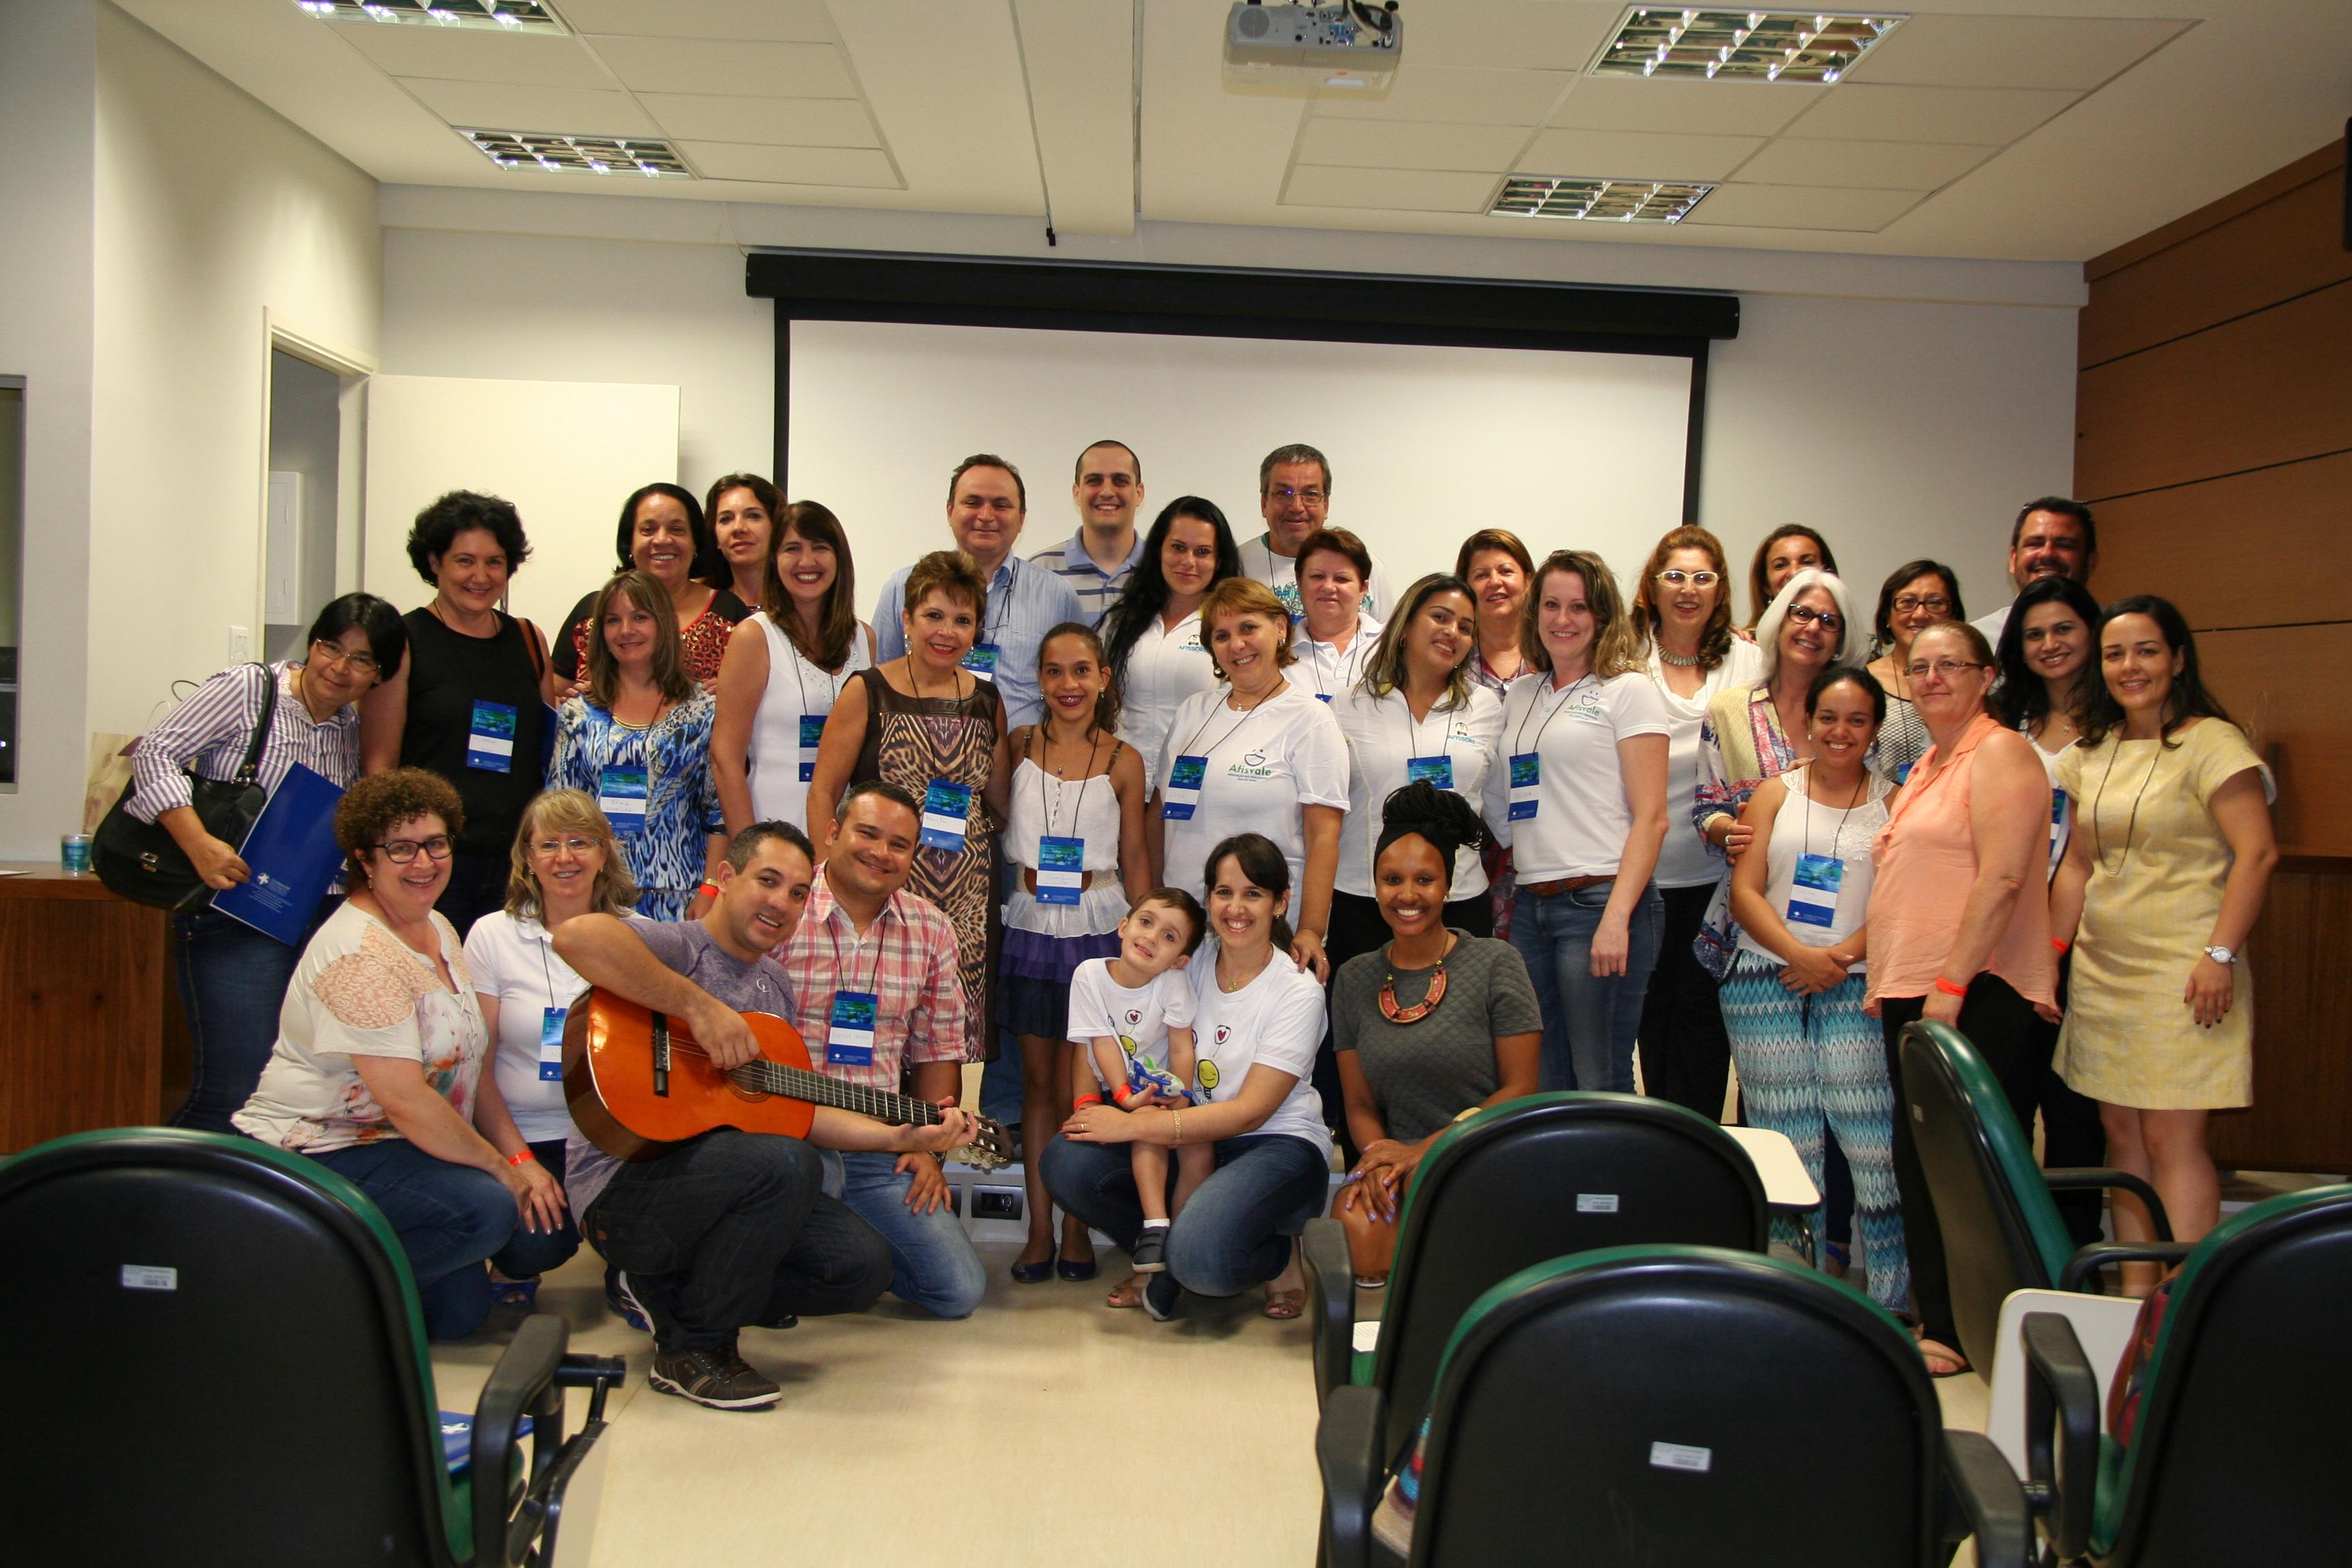 Equipe Rede Nacional de Associações de Pais e Pessoas com Fissura Labiopalatina